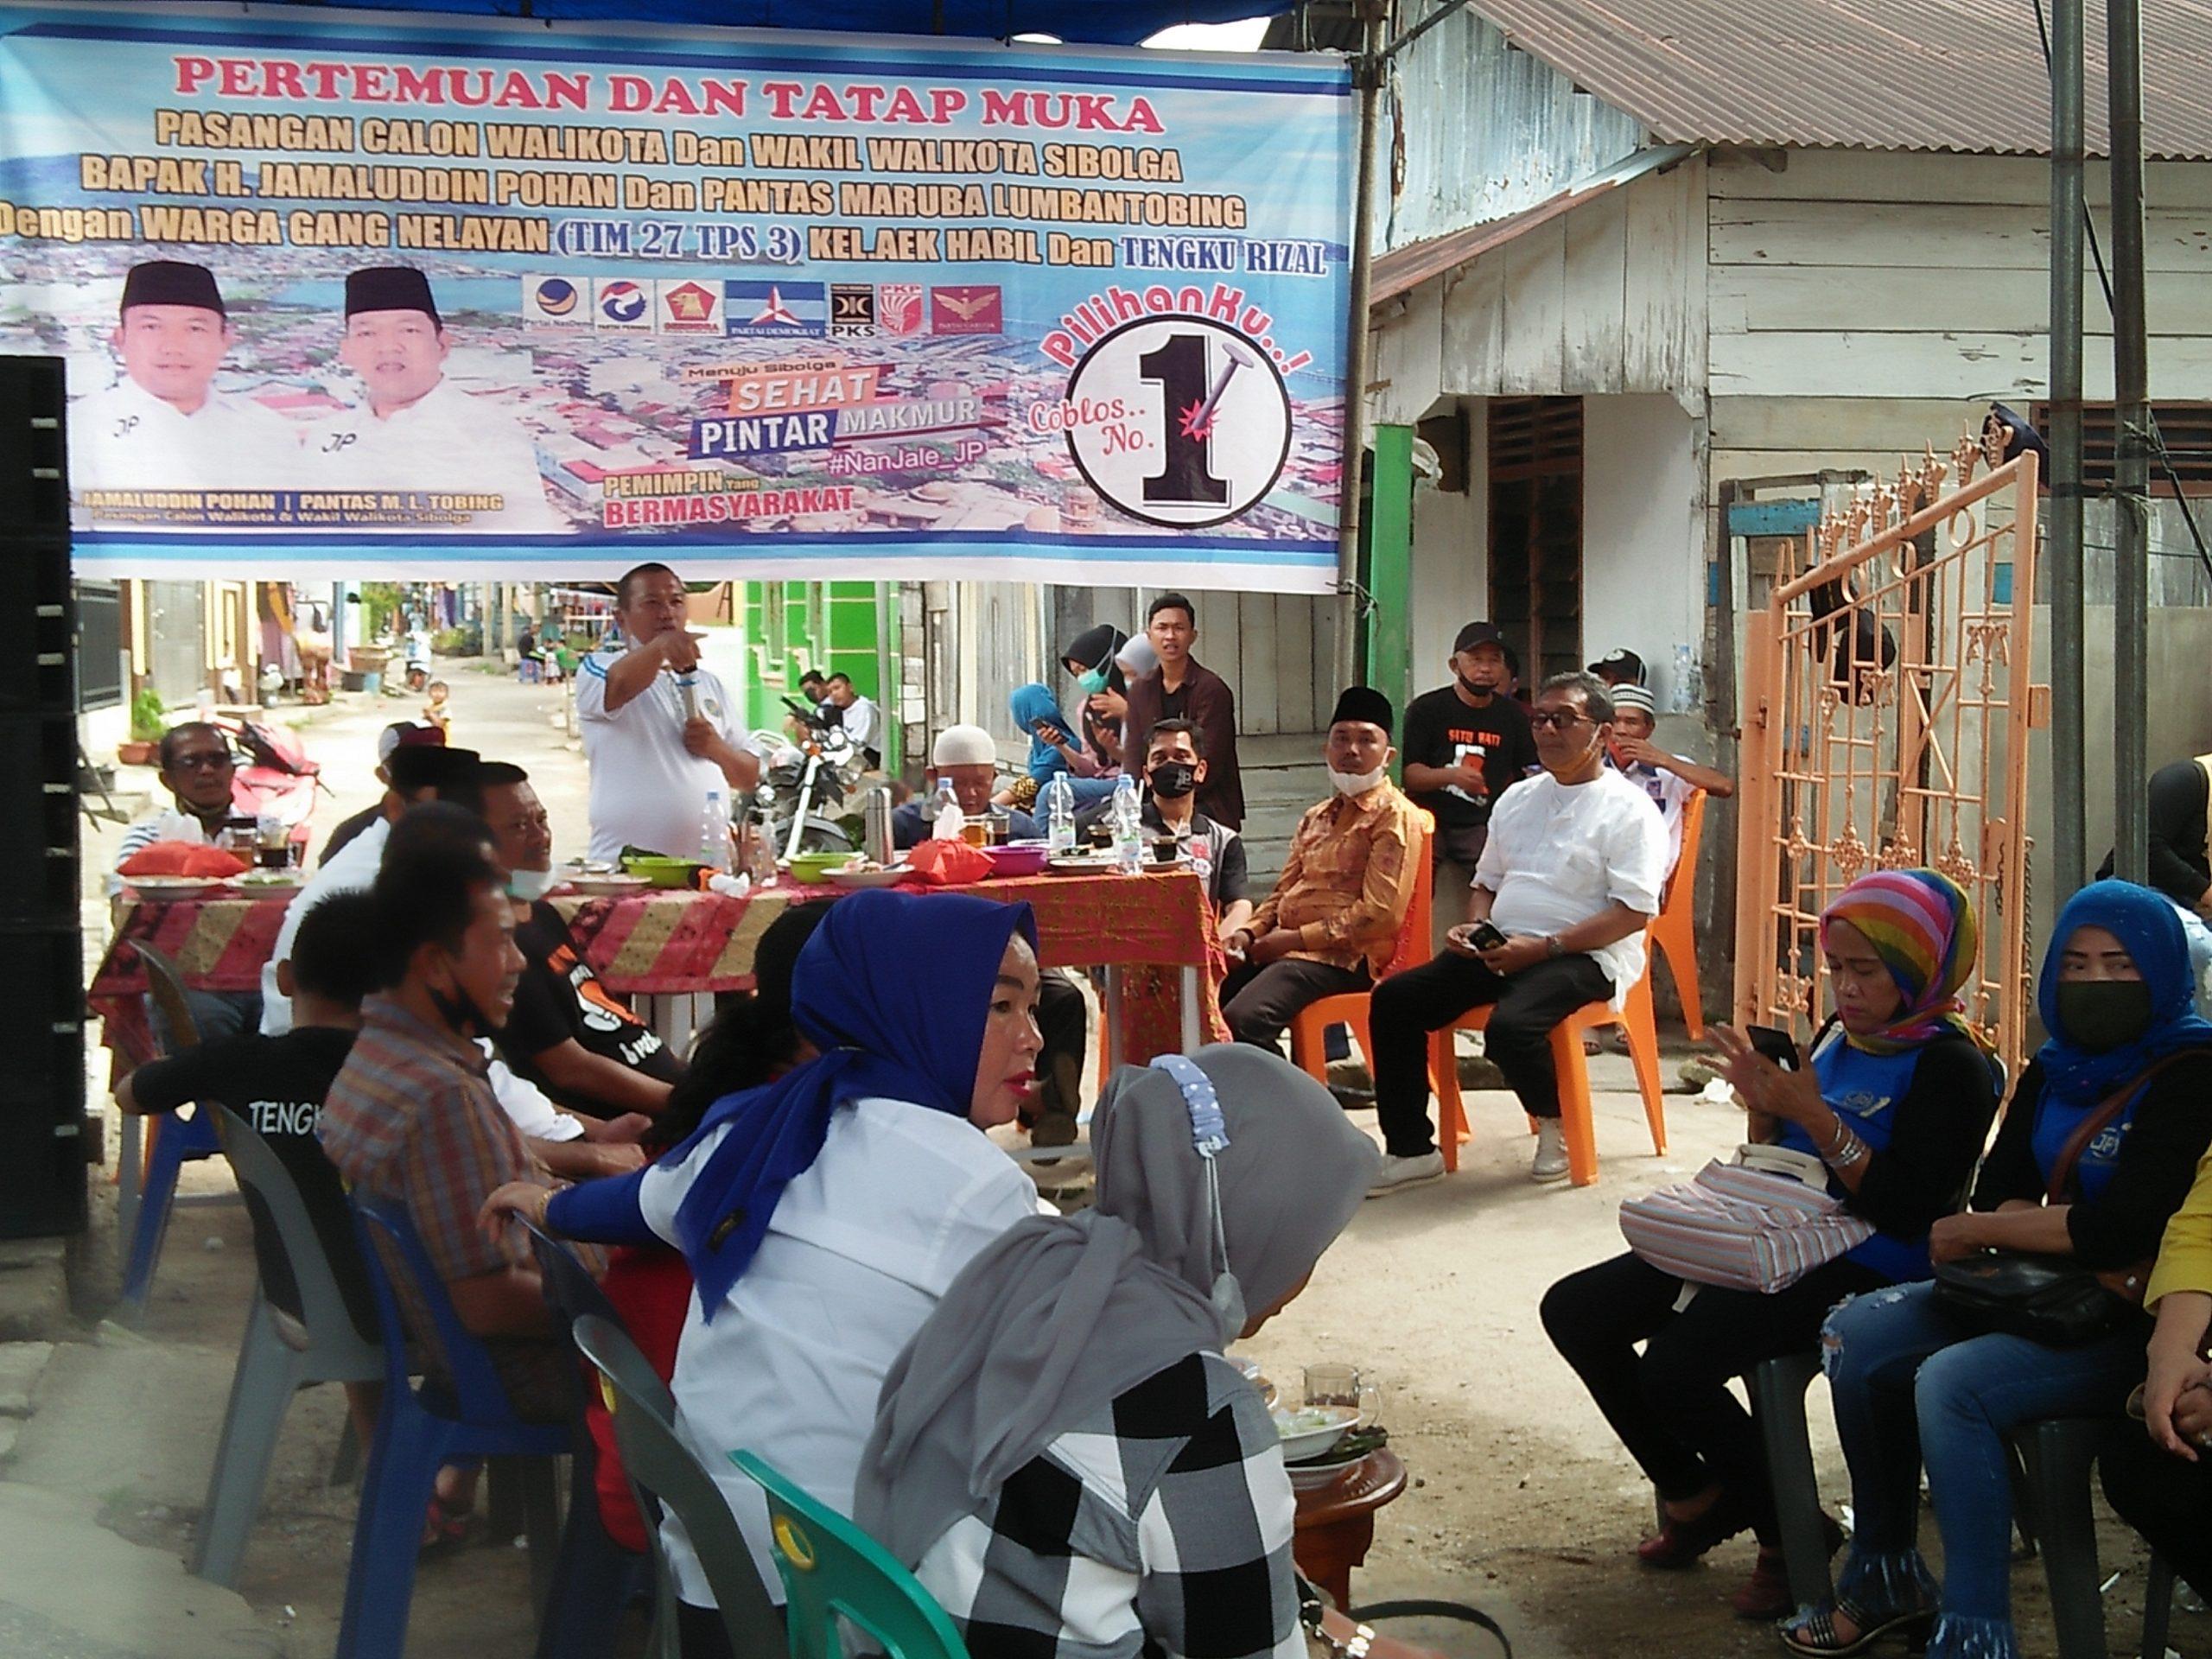 Jamaluddin Pohan saat menyampaikan janji politik kepada masyarakat di gang nelayan. Foto: Rakyatsumut.com/ Rommy